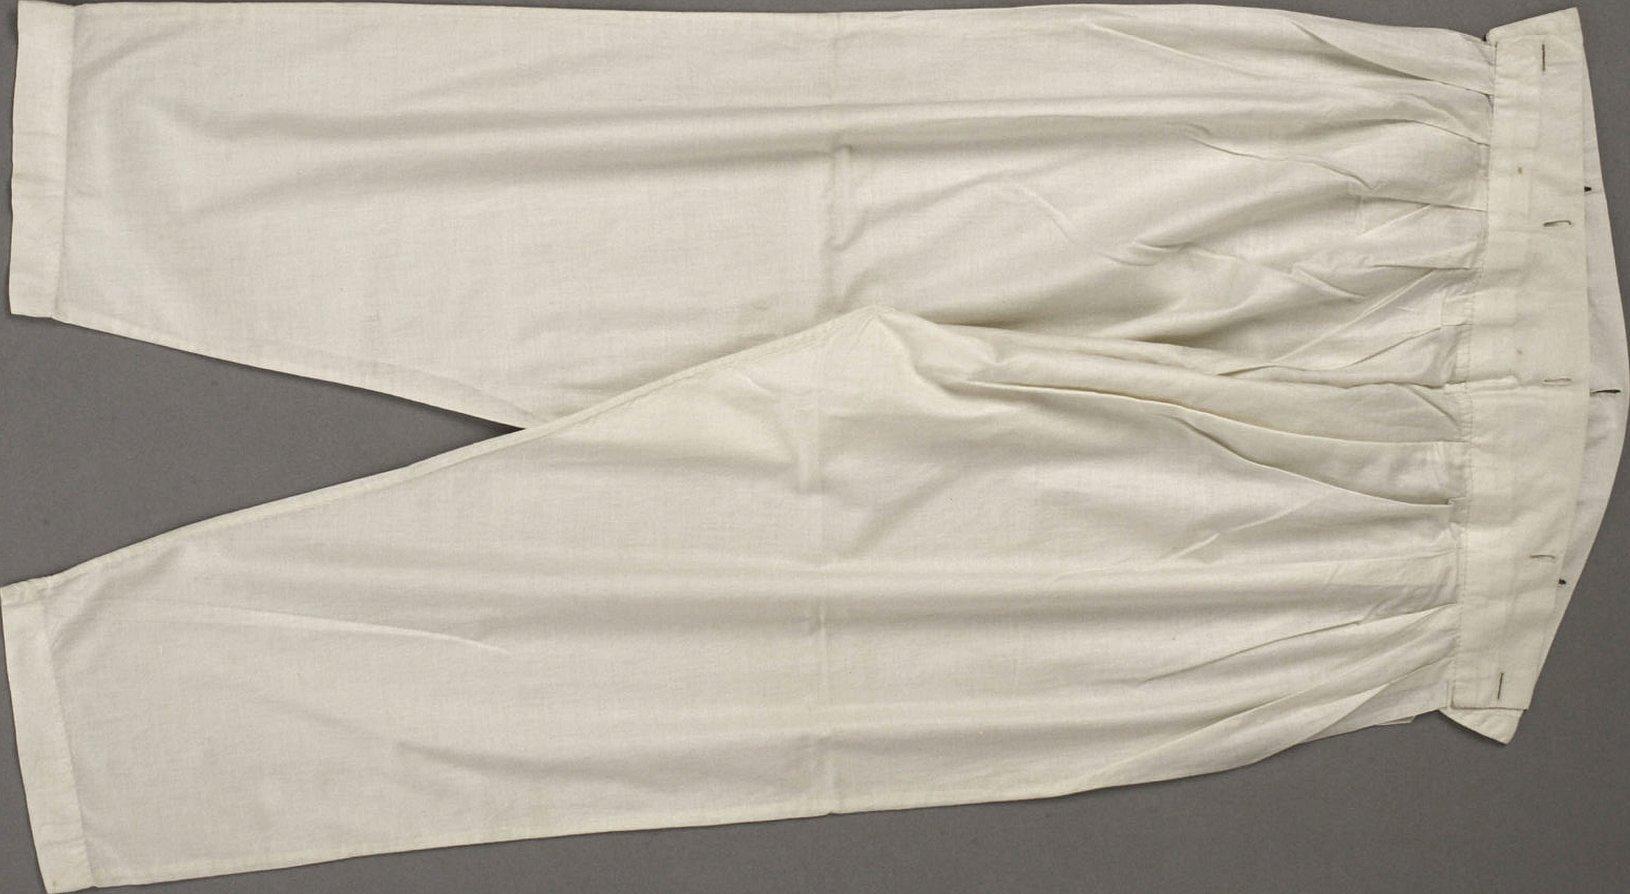 Белое нательное бельё солдатское